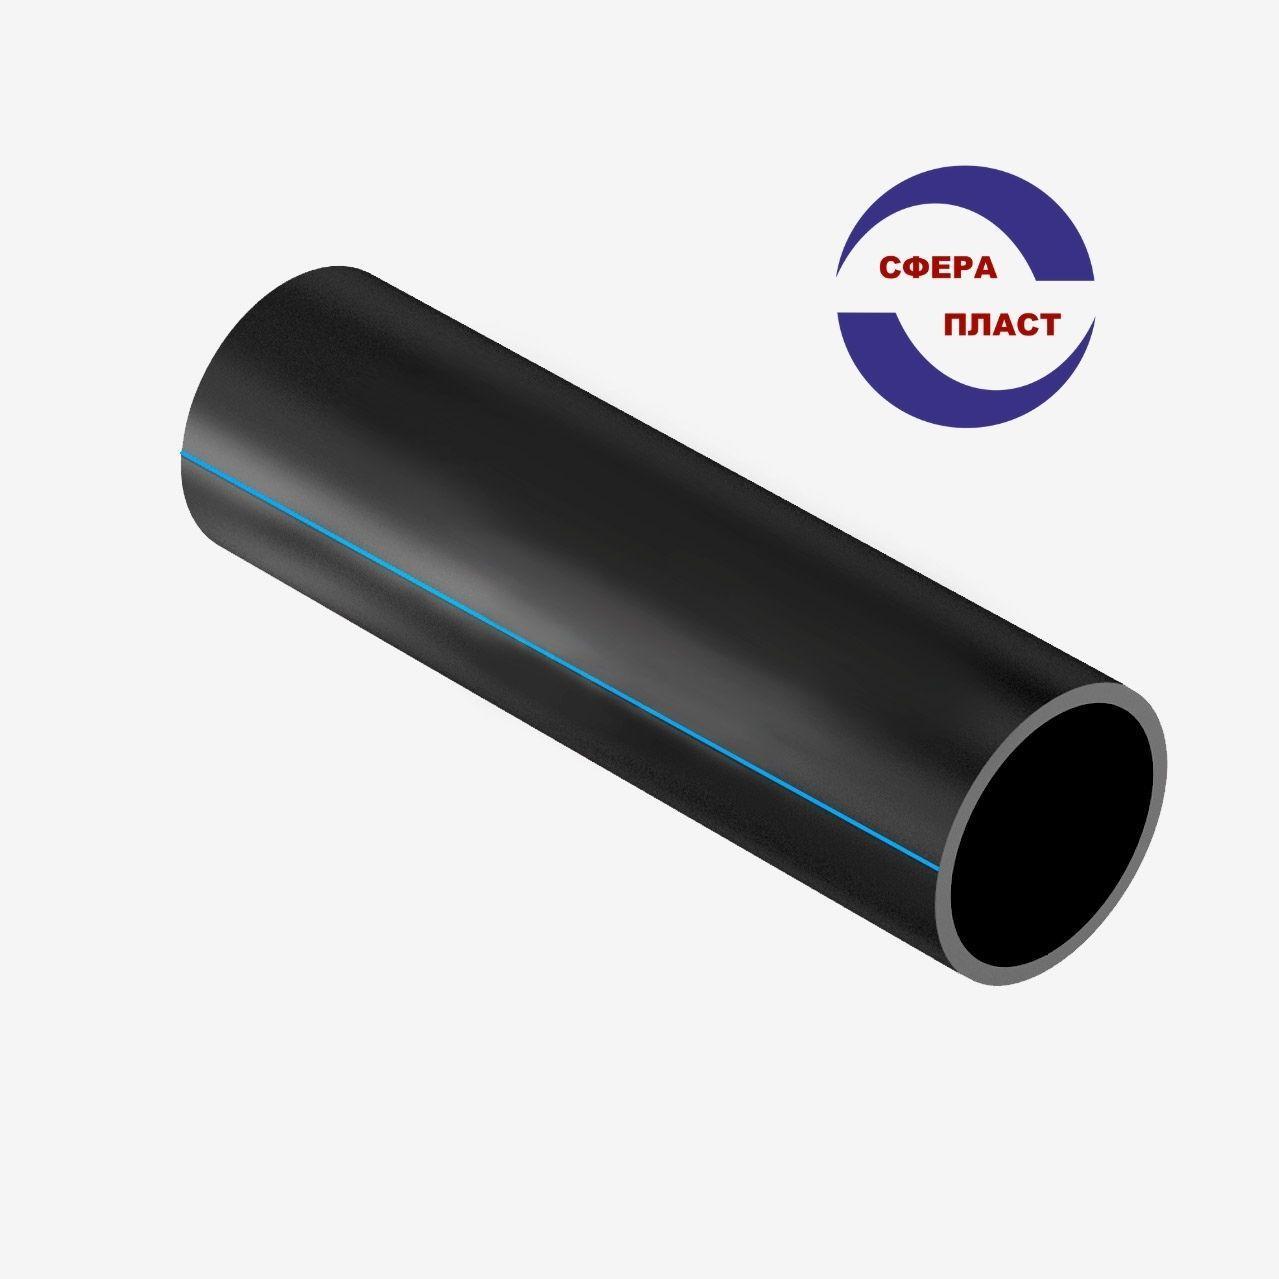 Труба Ду-250x11,9 SDR21 (8 атм) полиэтиленовая ПЭ-100